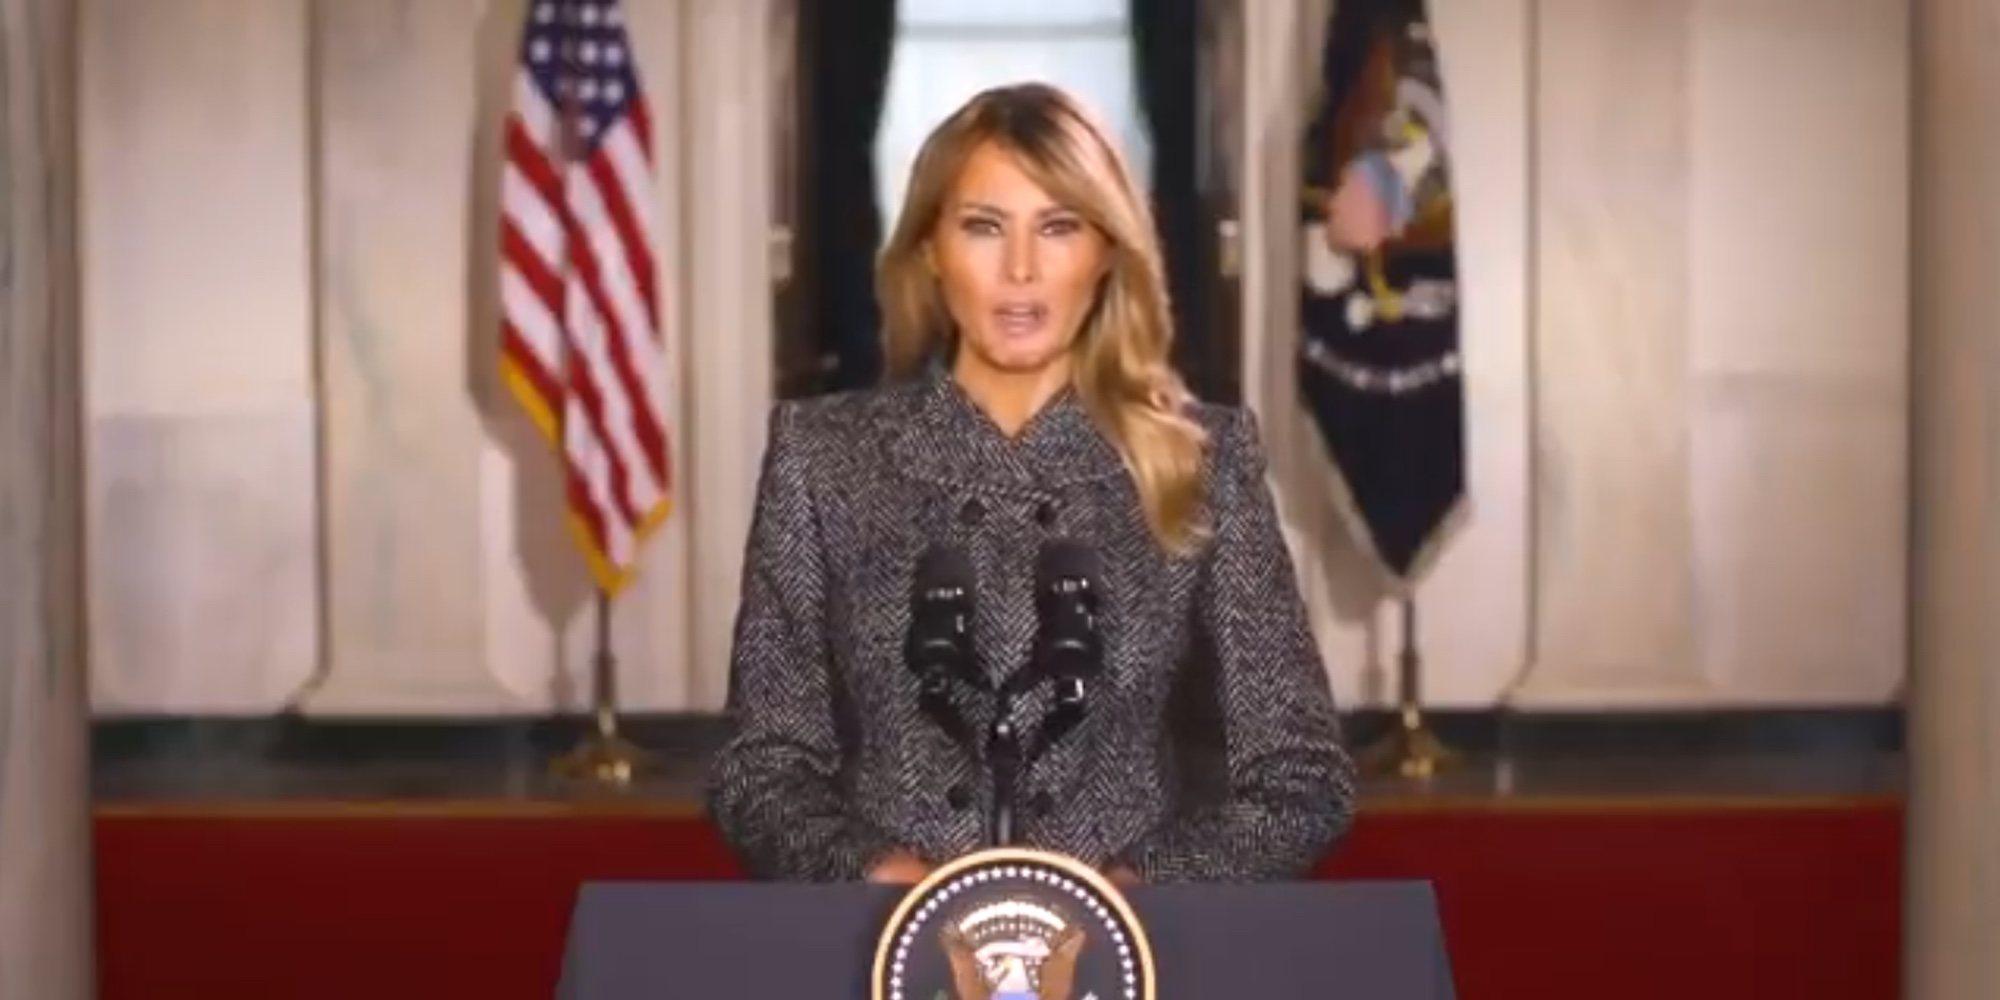 El discurso de despedida de Melania Trump antes de dejar la Casa Blanca en el que casi se olvida de Donald Trump